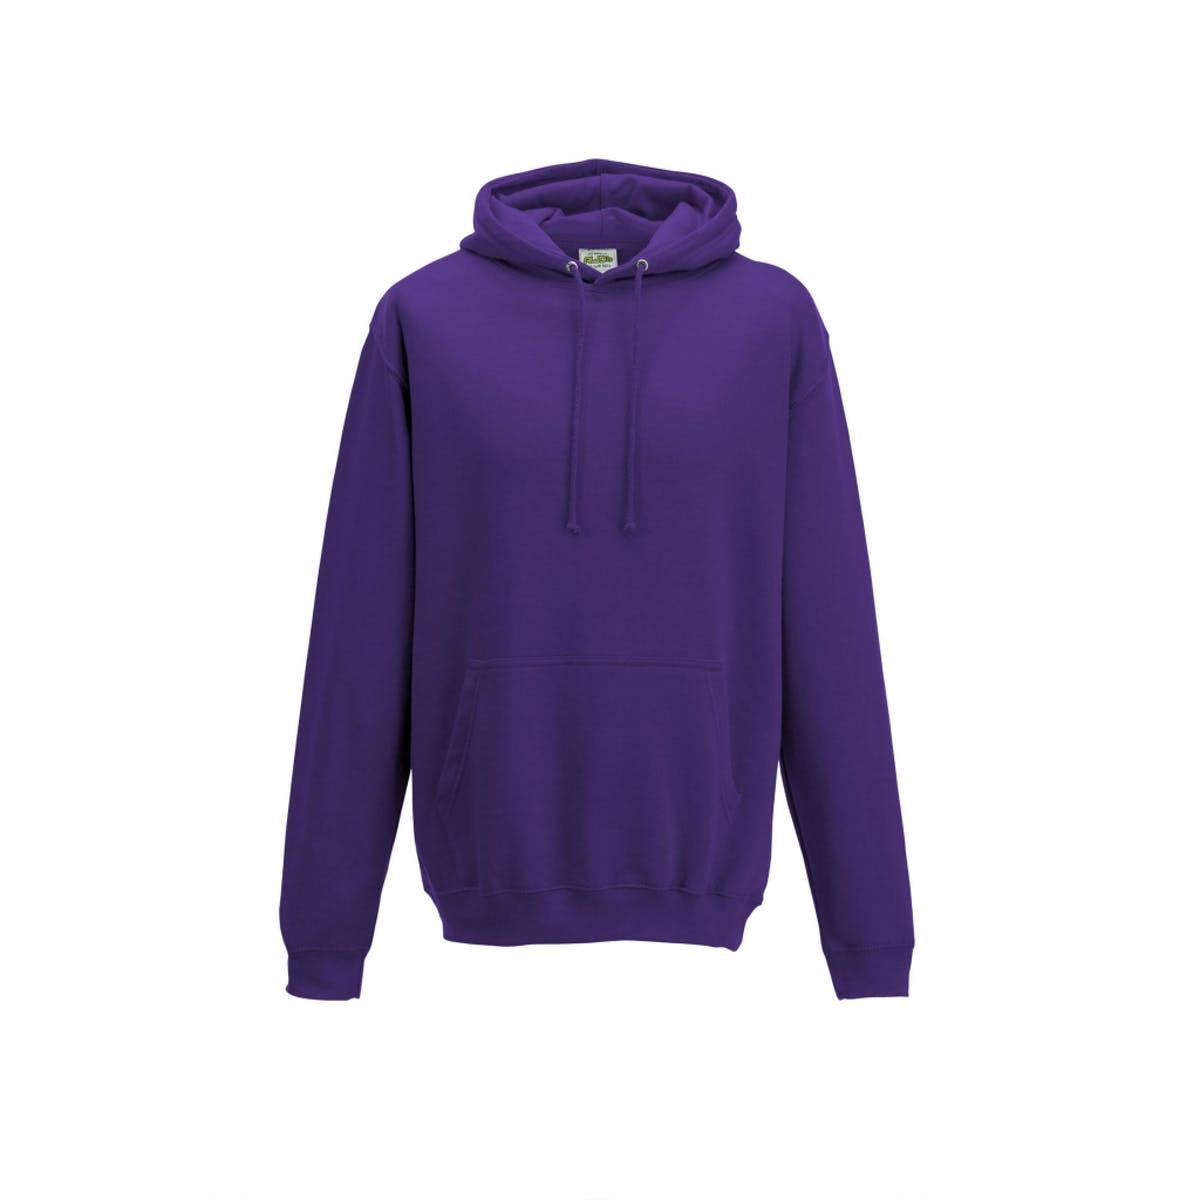 purple college hoodies